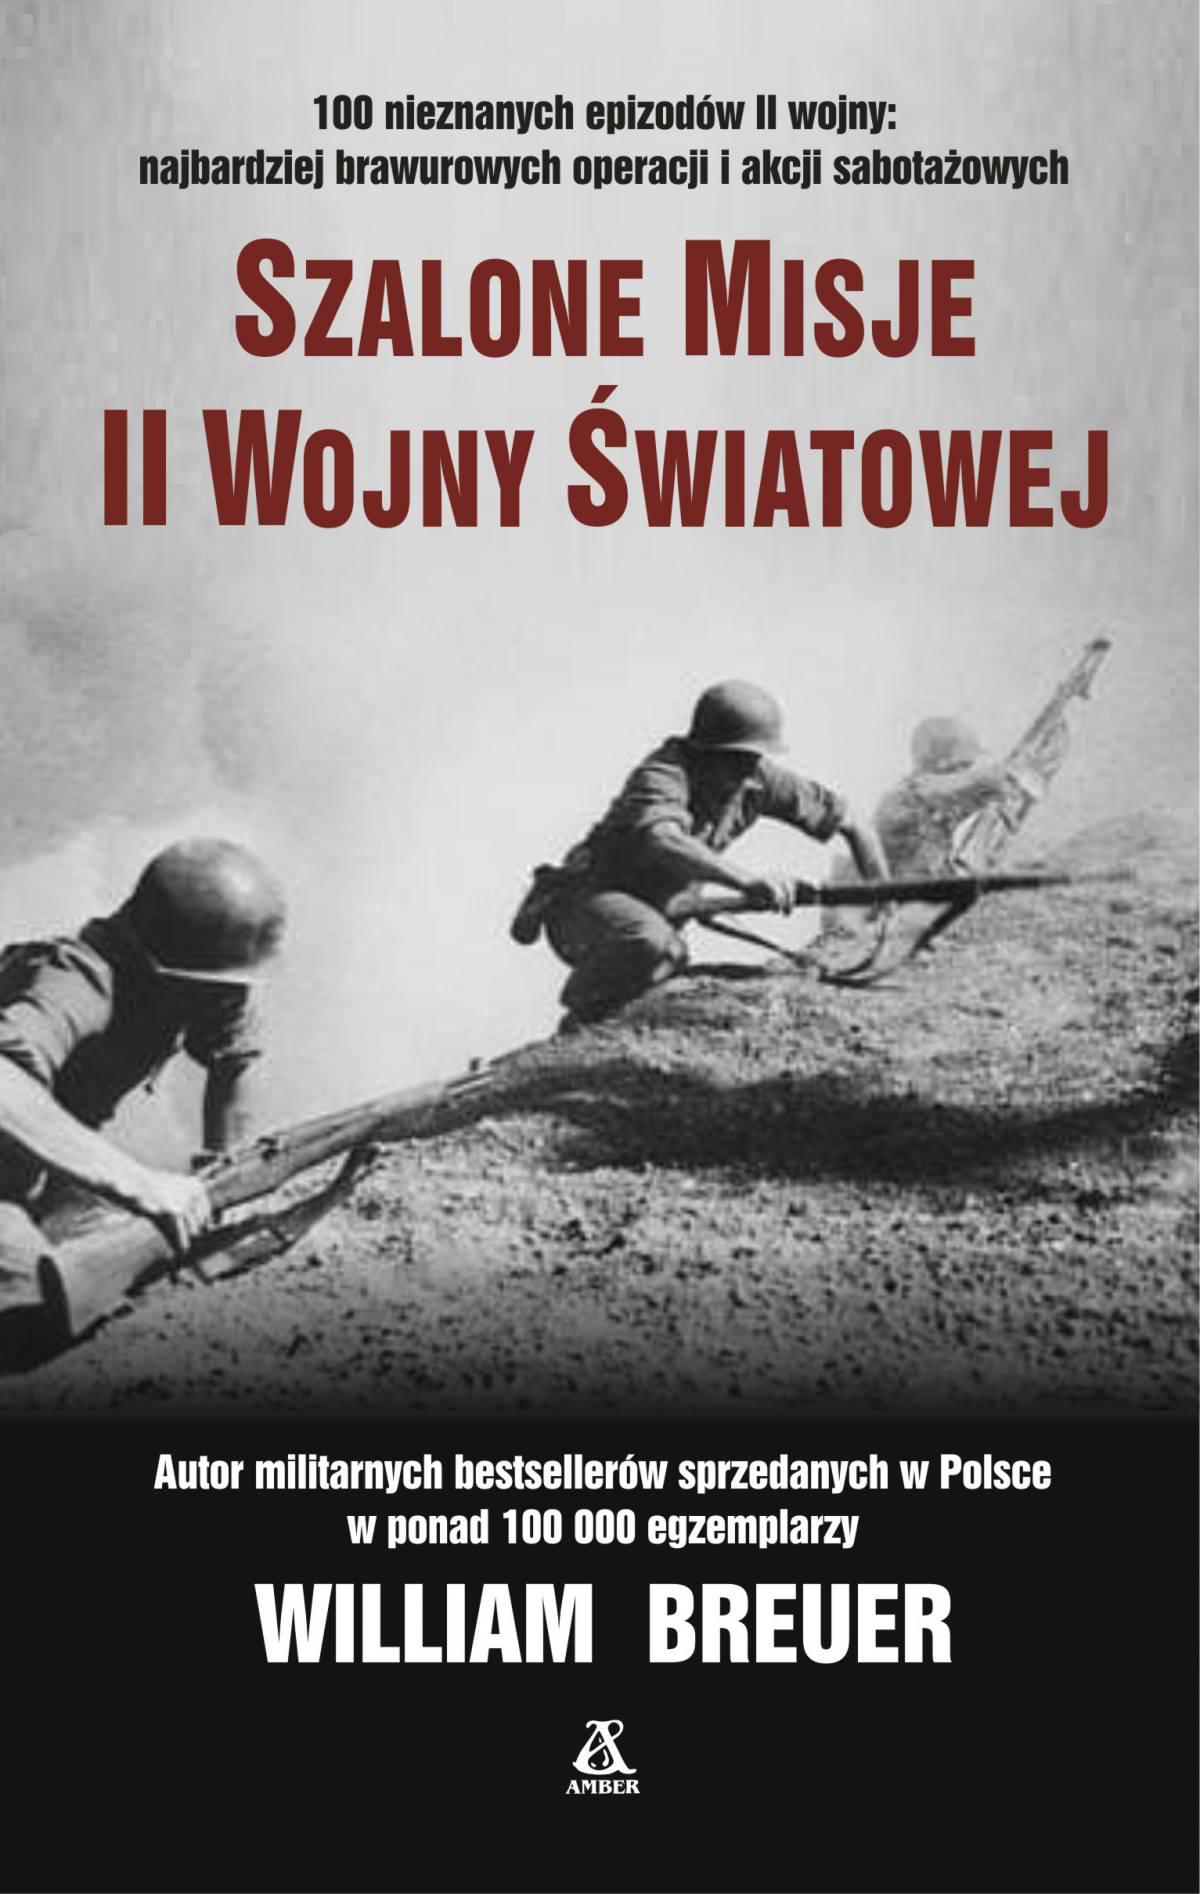 Szalone misje II Wojny Światowej - Ebook (Książka EPUB) do pobrania w formacie EPUB